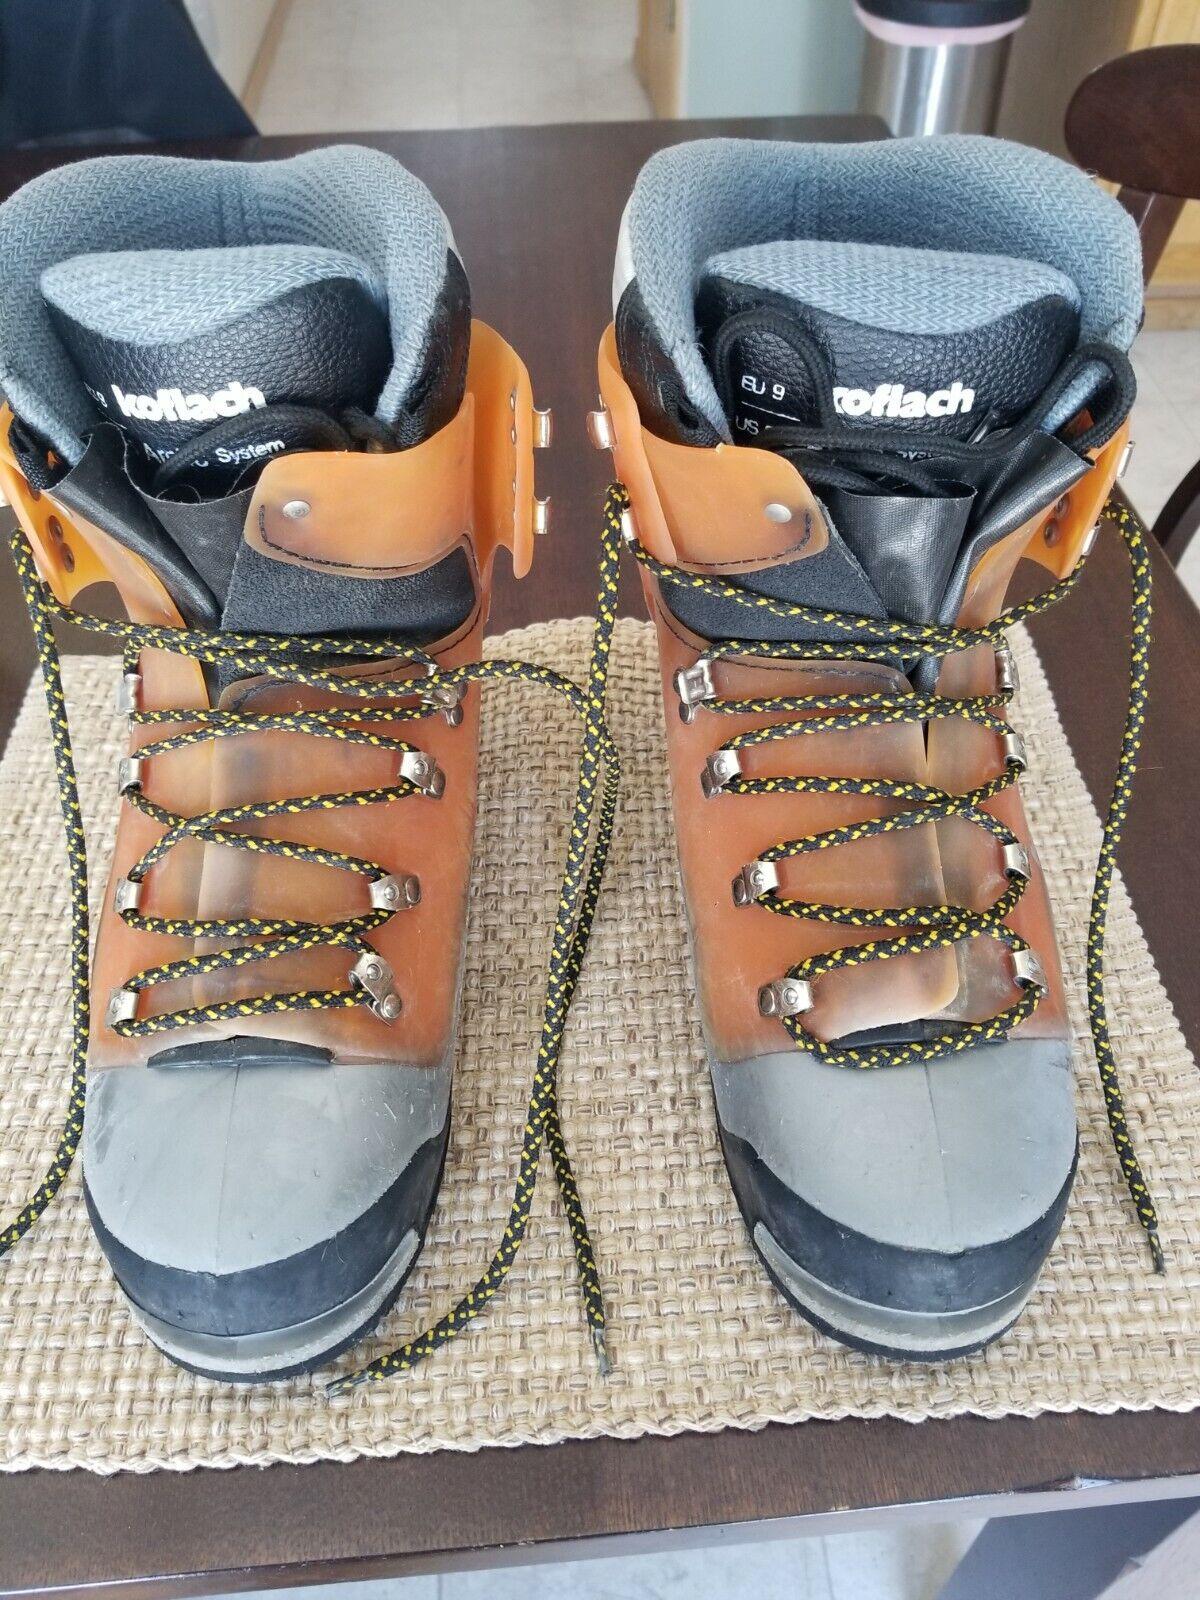 Klofasch Degre  Plastic Mountaineering Boot  online sale